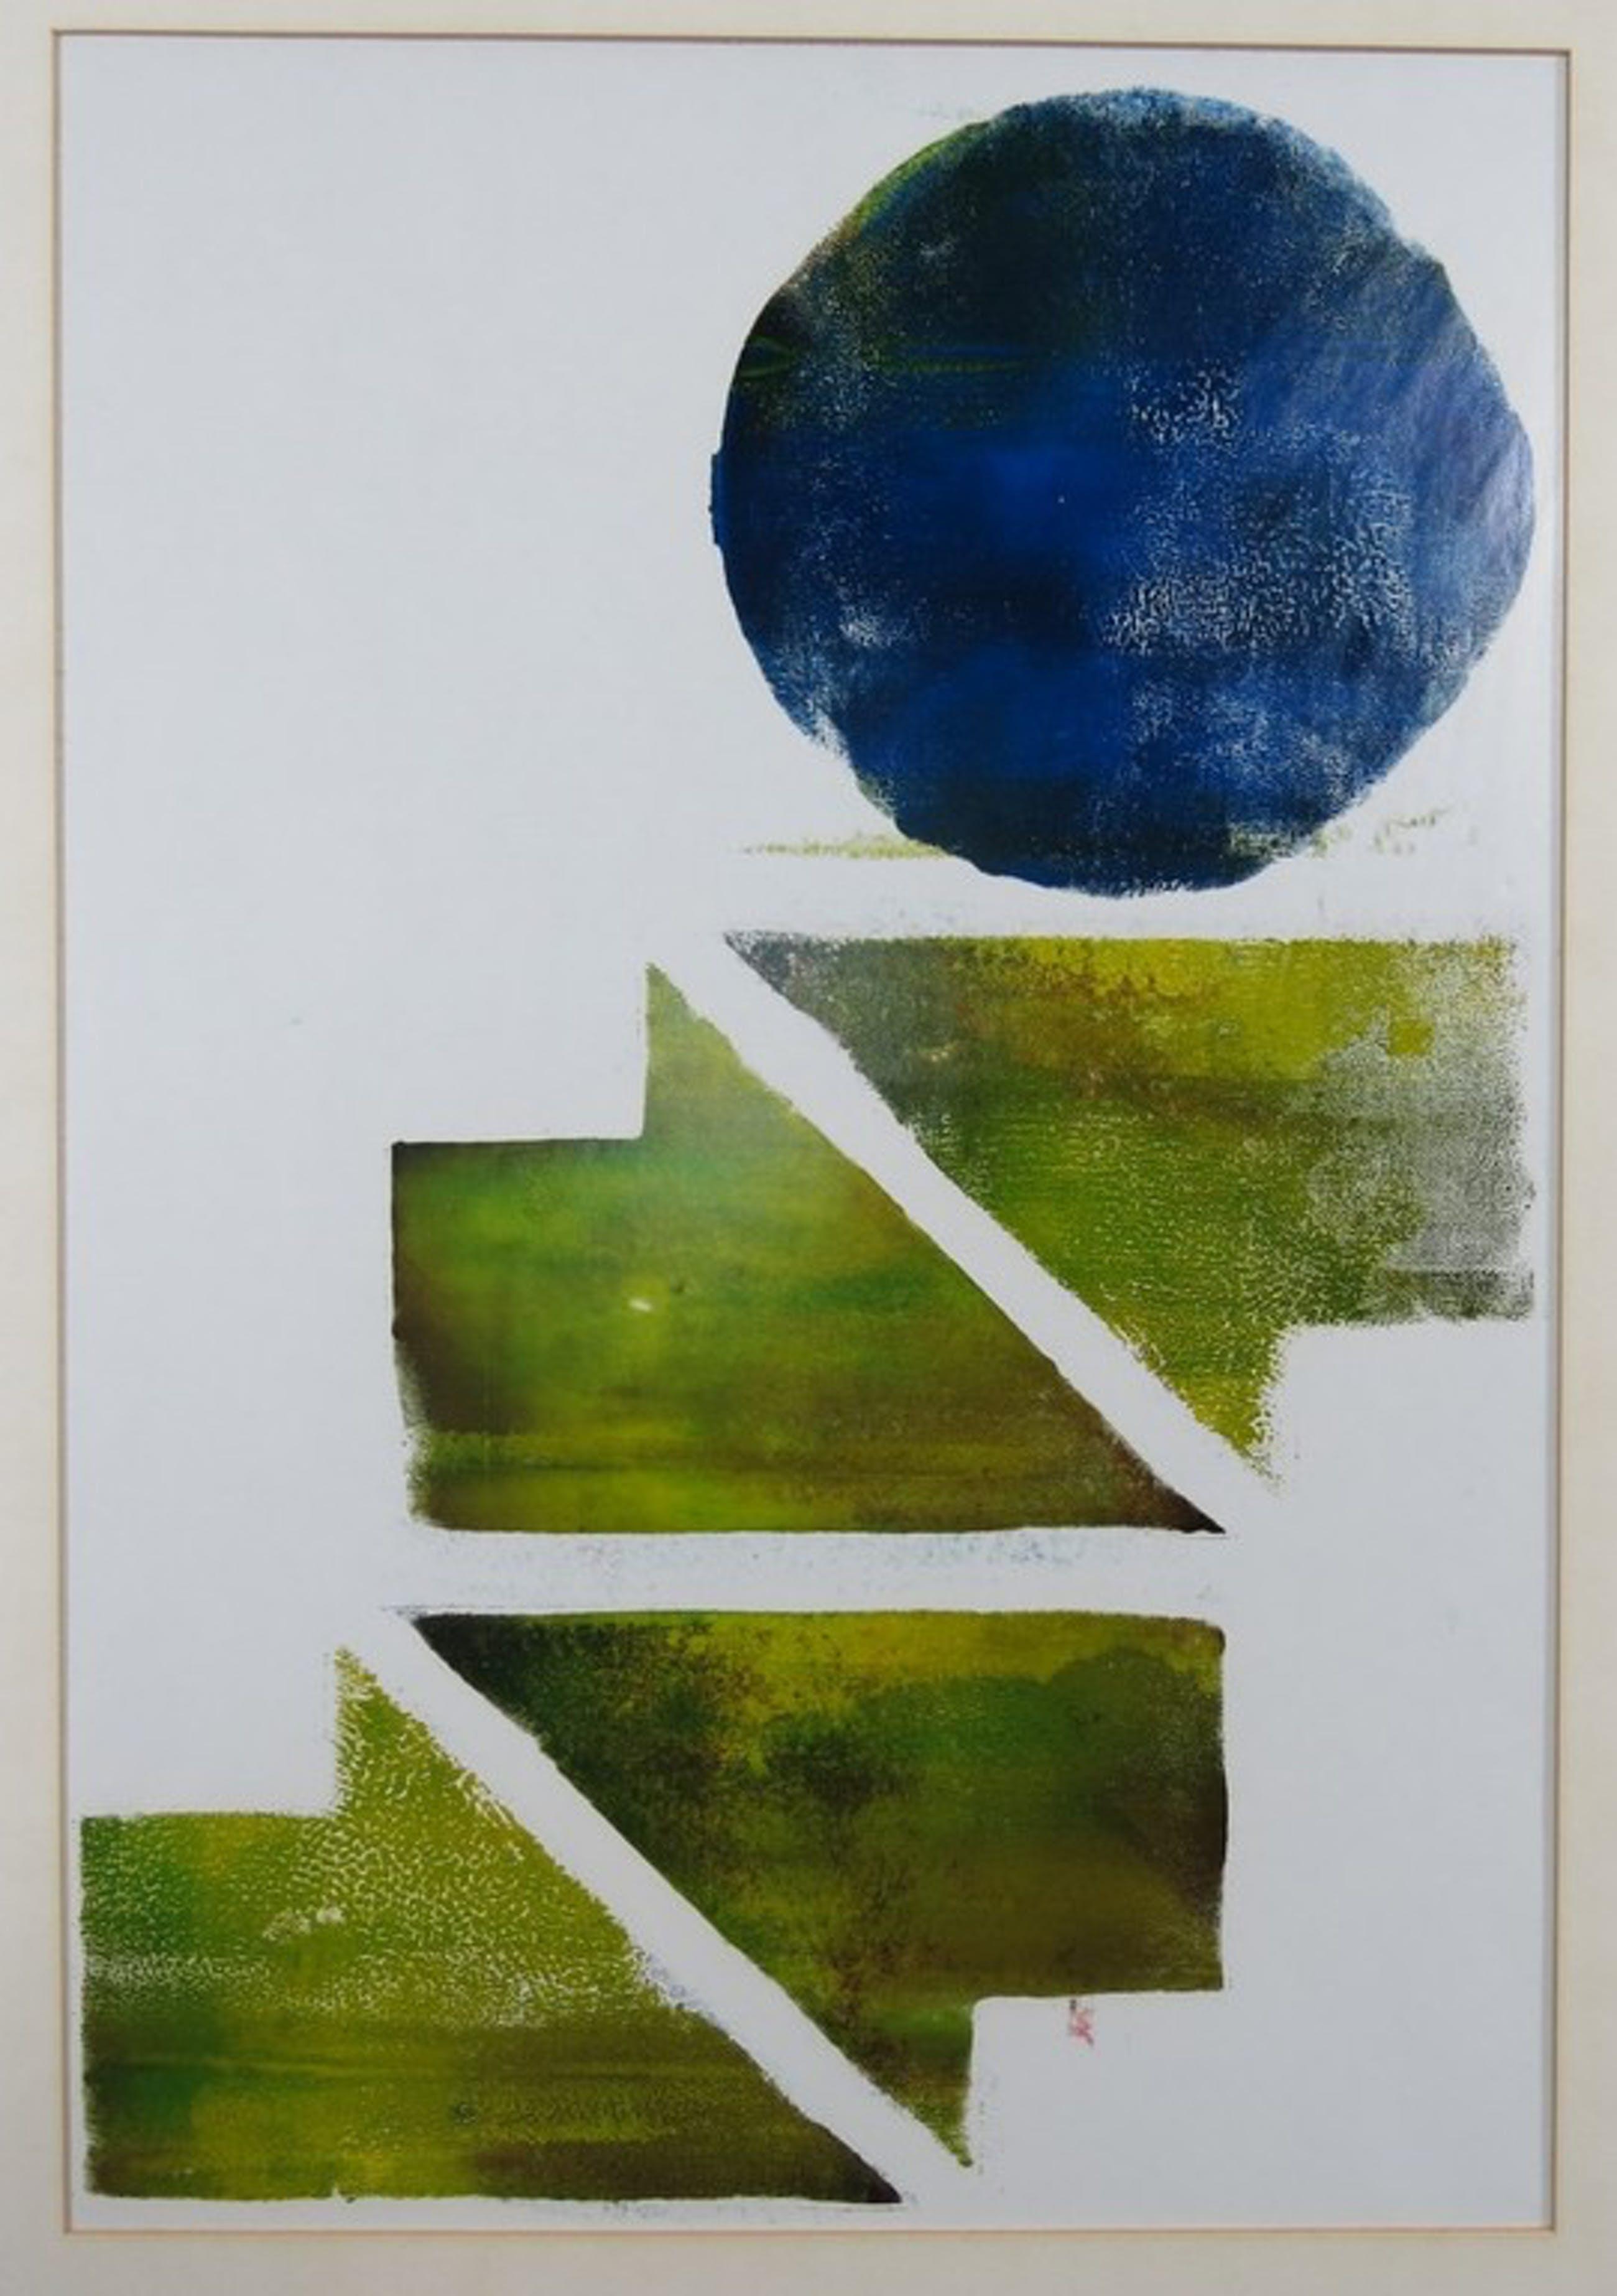 Amarentia Leopold-Oswald: Monotype, Zonder titel (abstract groen en blauw) kopen? Bied vanaf 1!